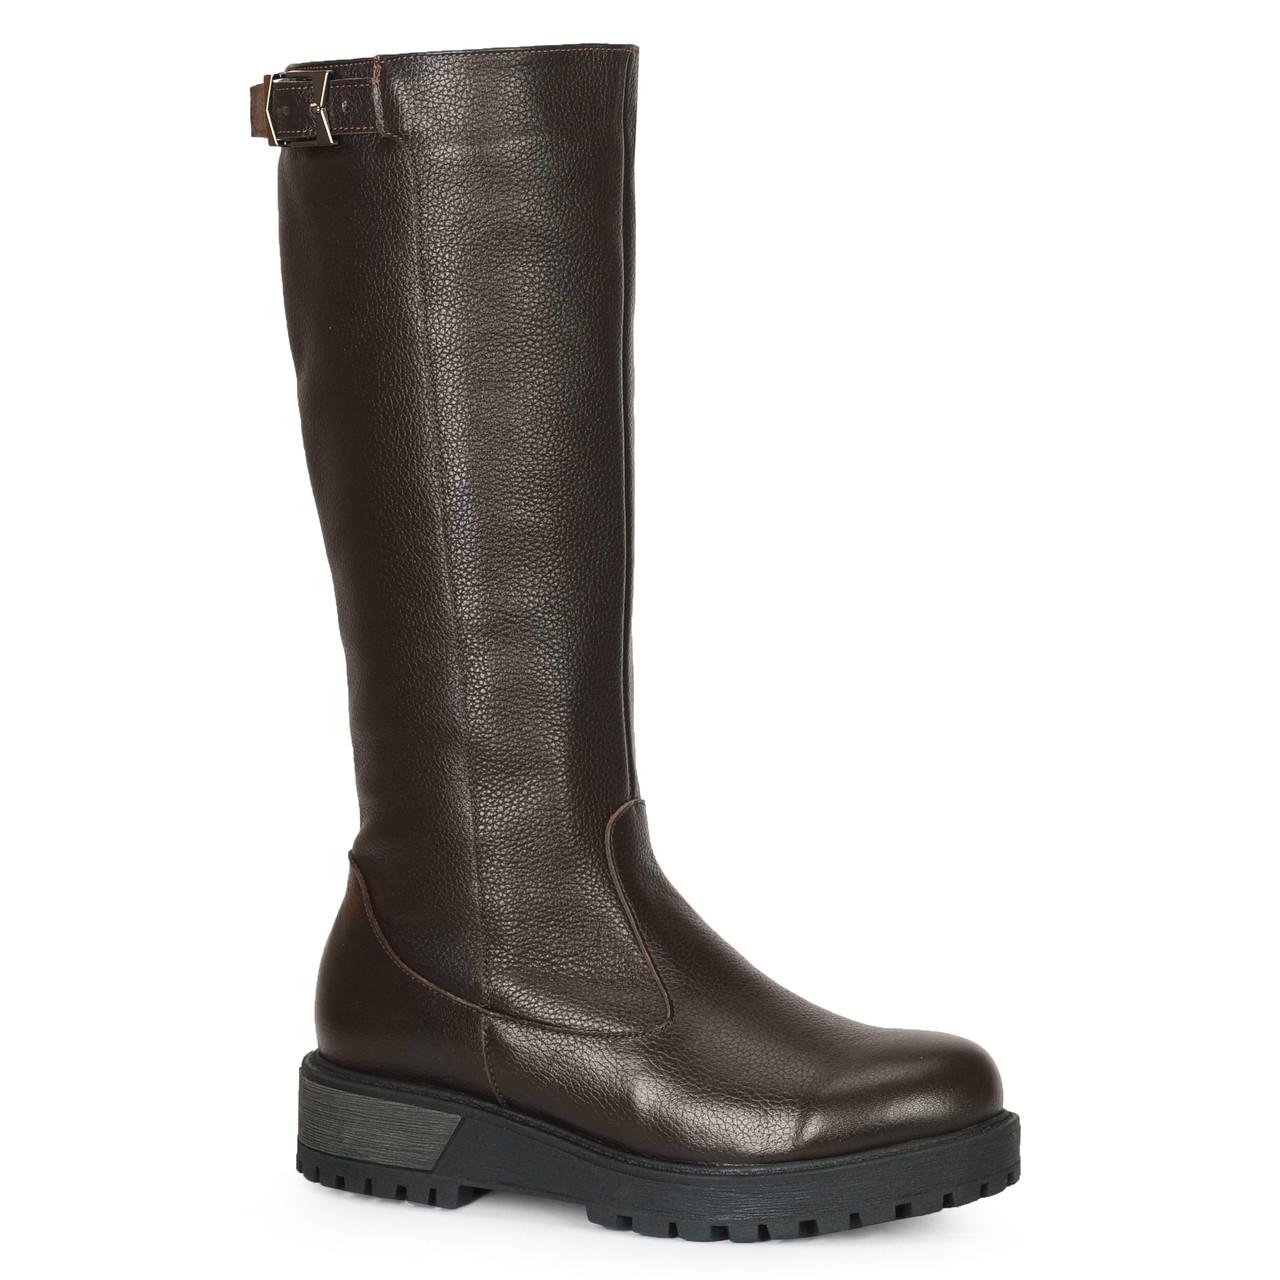 Жіночі замшеві черевики шкіряні напівчеревики напівчоботи чоботи TIFFANY на підборах платформі Хутро зима ПШ байка